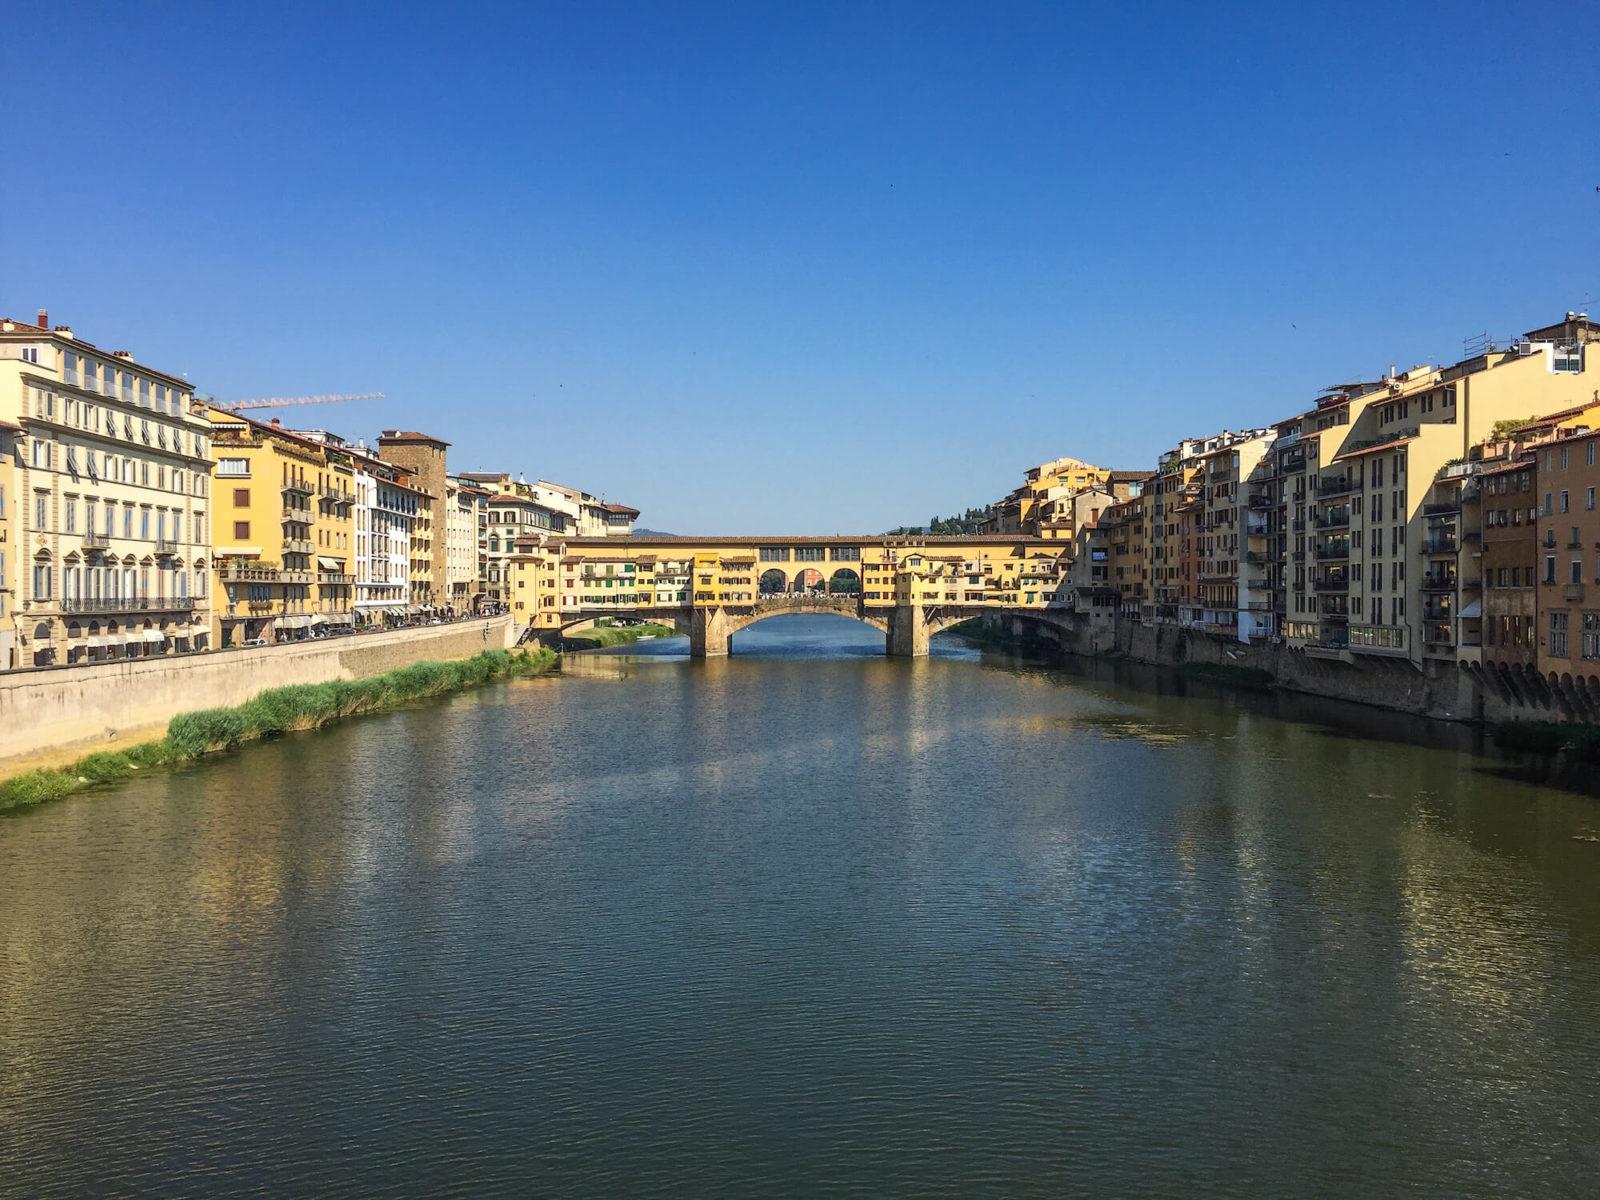 ponte-vecchio-firenze